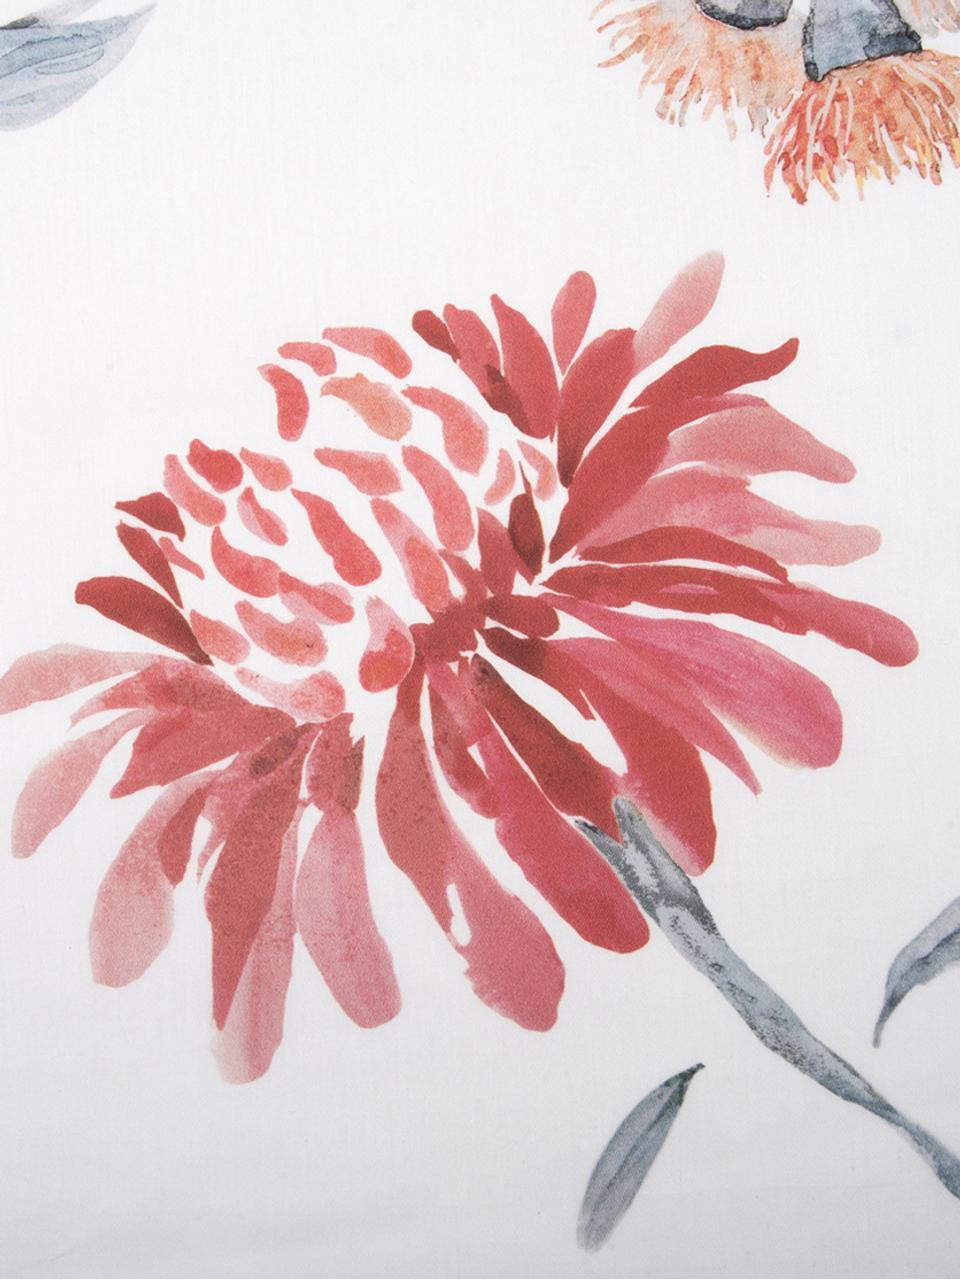 Parure copripiumino reversibile in raso di cotone Evie, Tessuto: raso Densità del filo 210, Stampa floreale, bianco, 155 x 200 cm